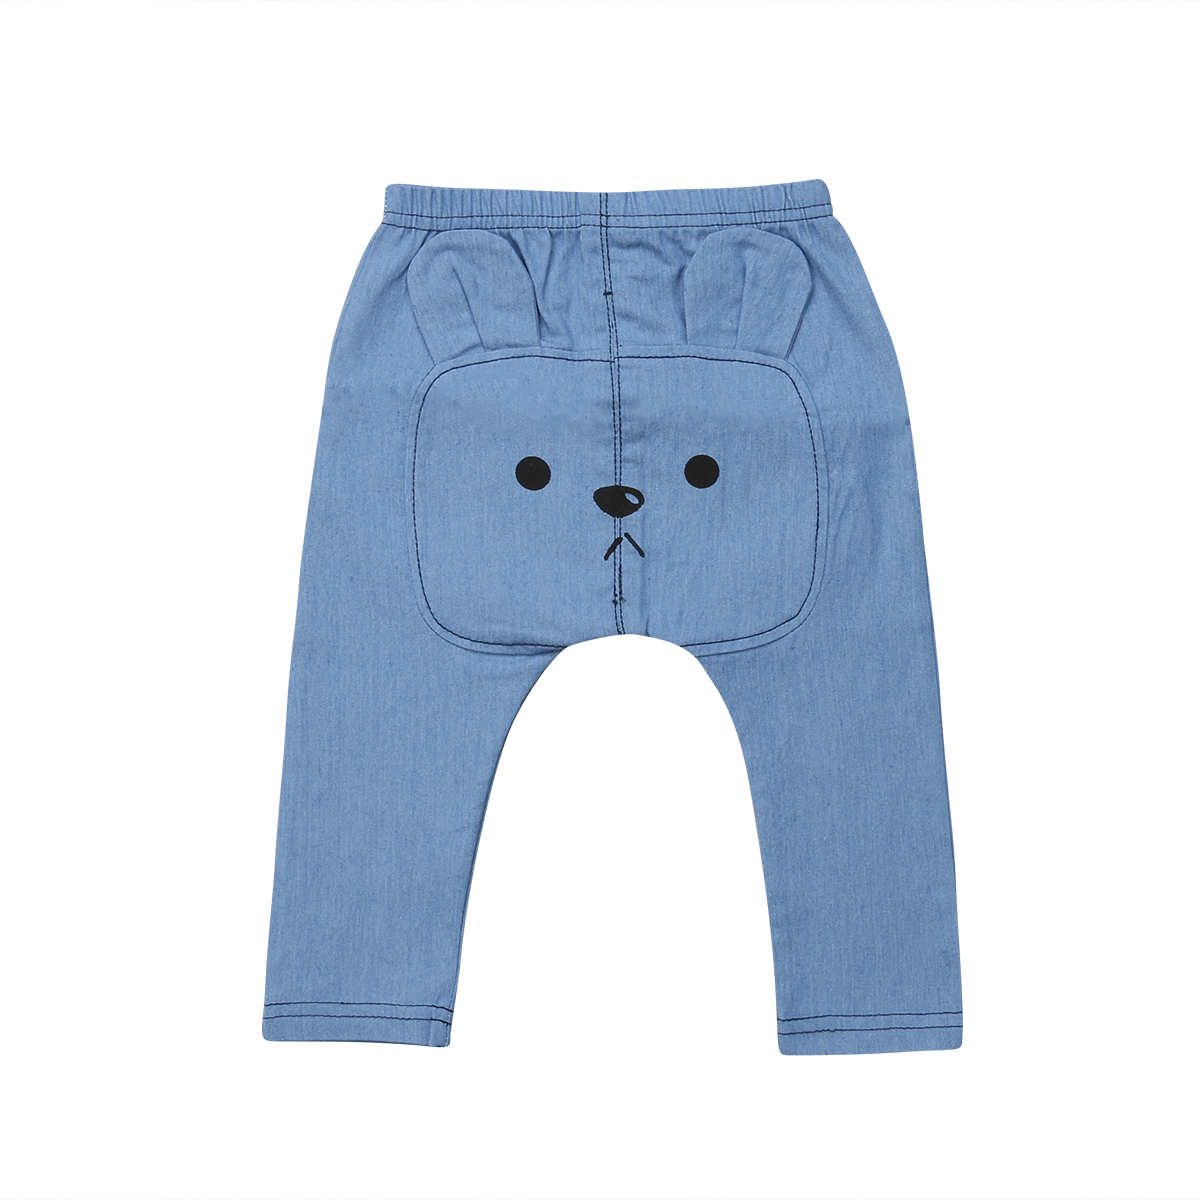 Cartoon Bears Denim Long Pants Clothing